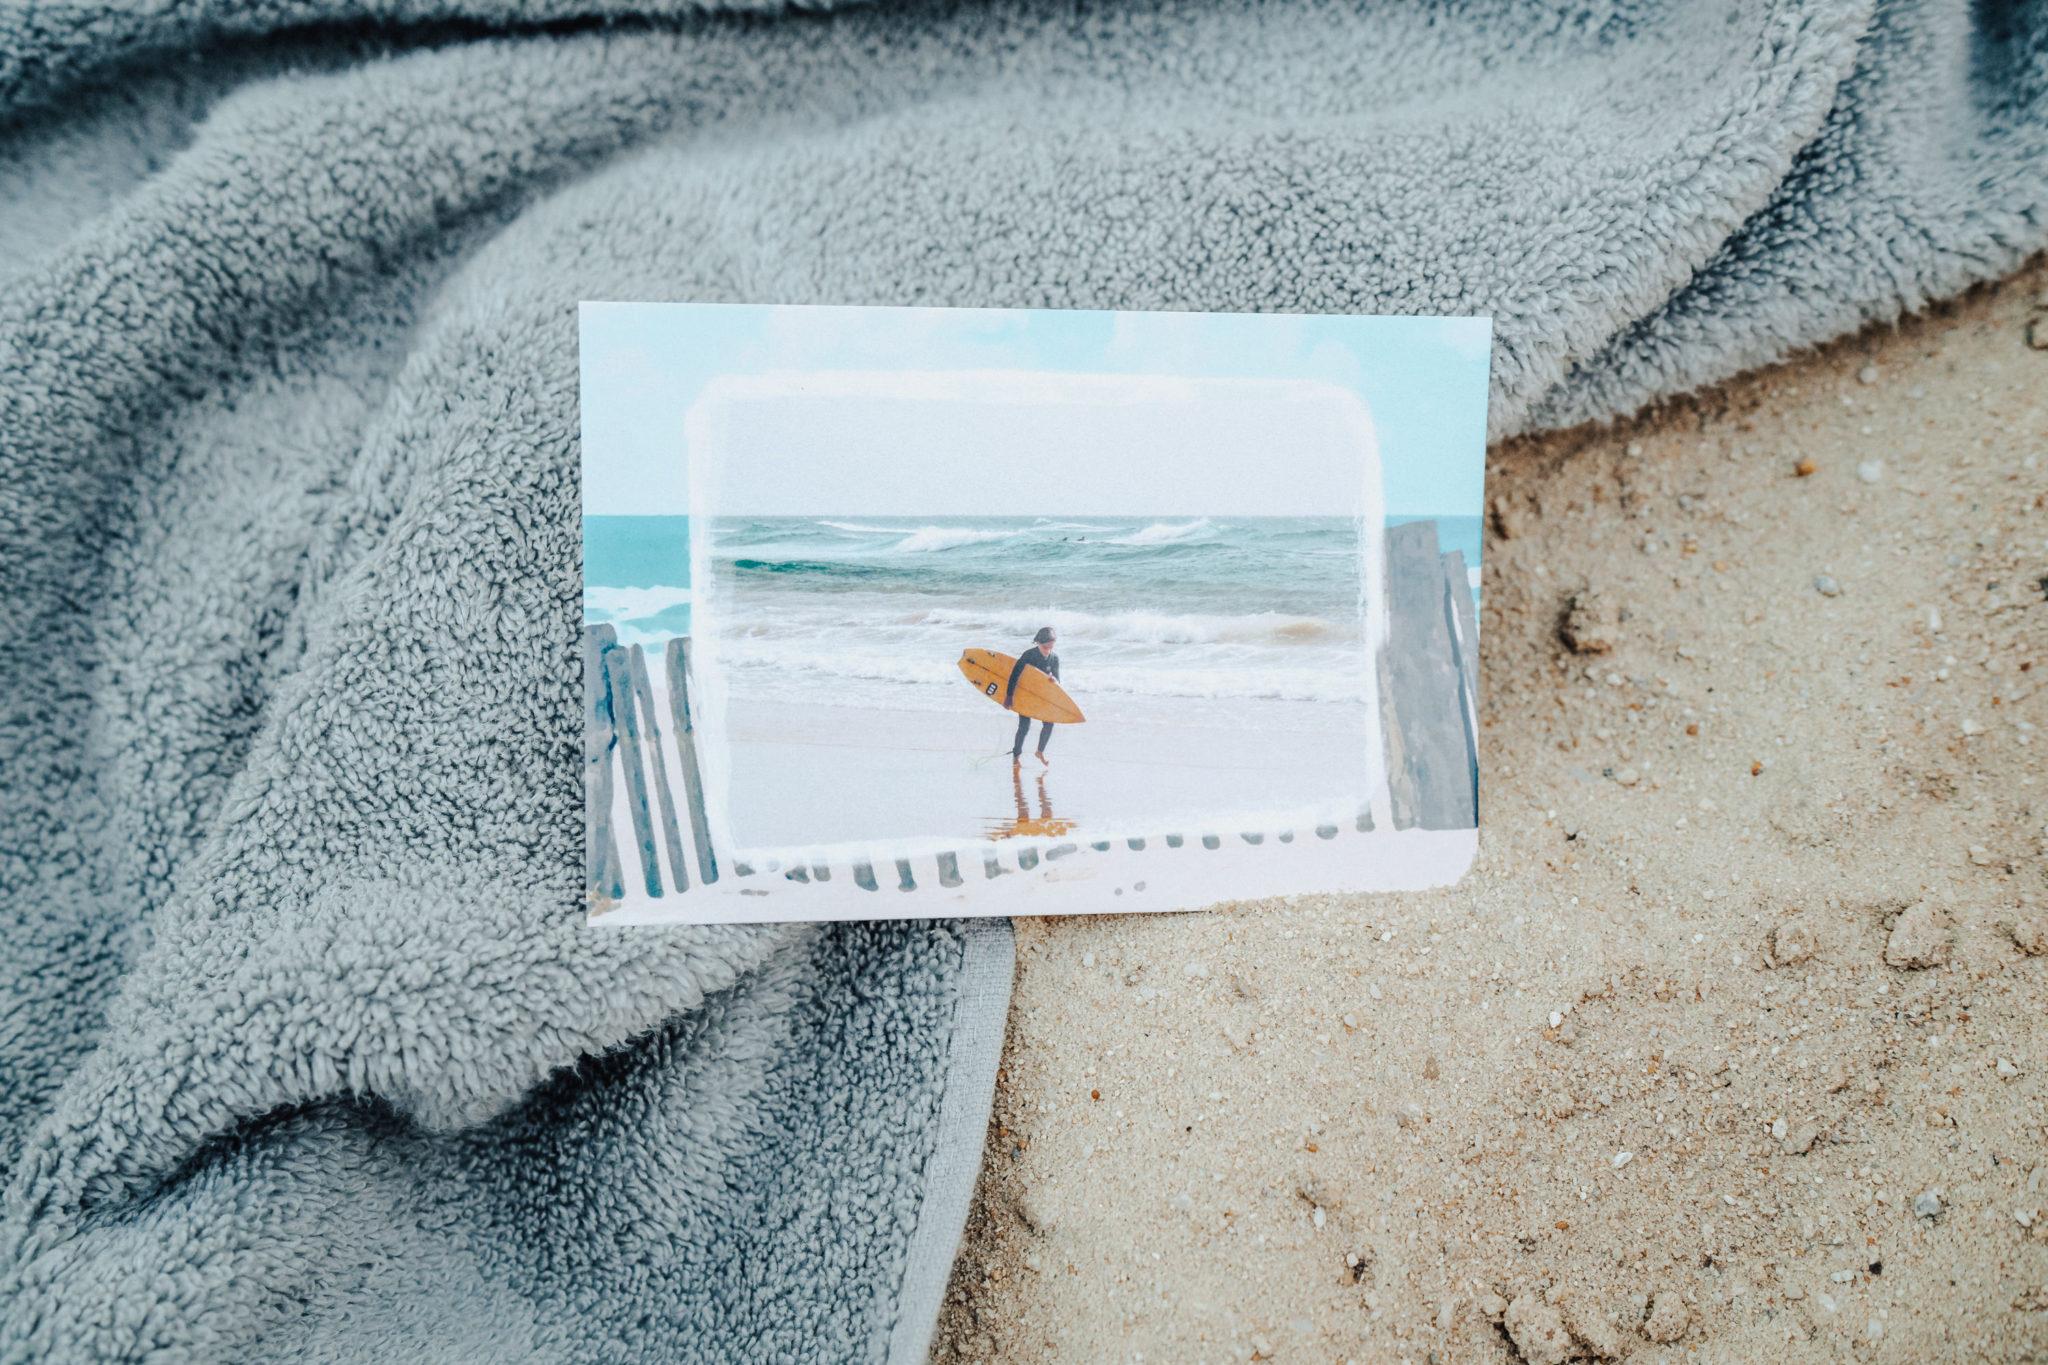 dune-of-pilat-france